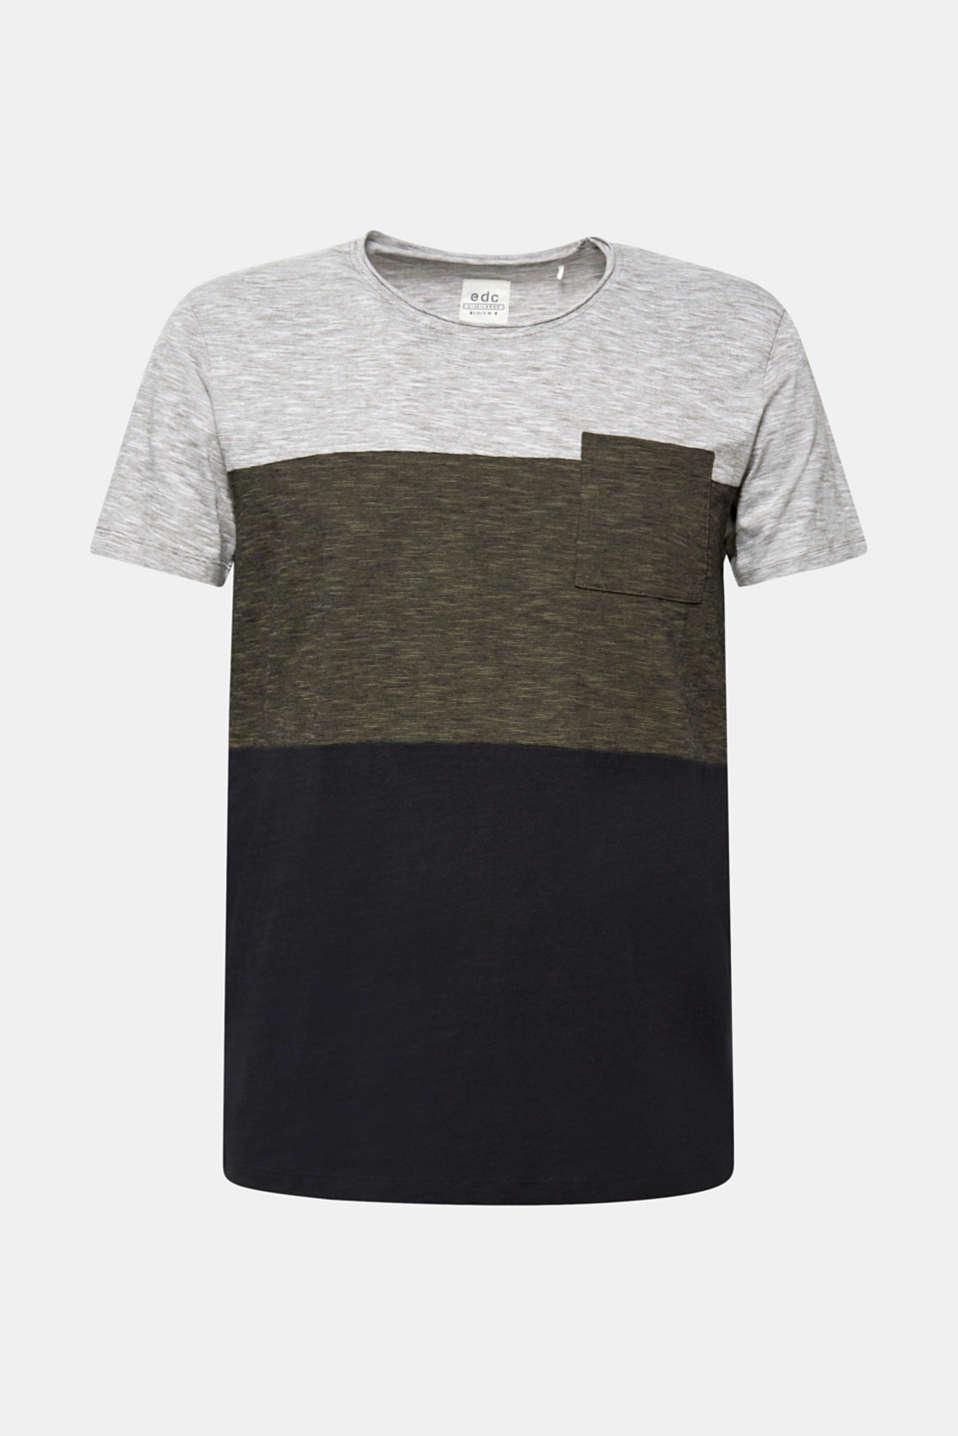 Slub jersey T-shirt in 100% cotton, DARK KHAKI, detail image number 6